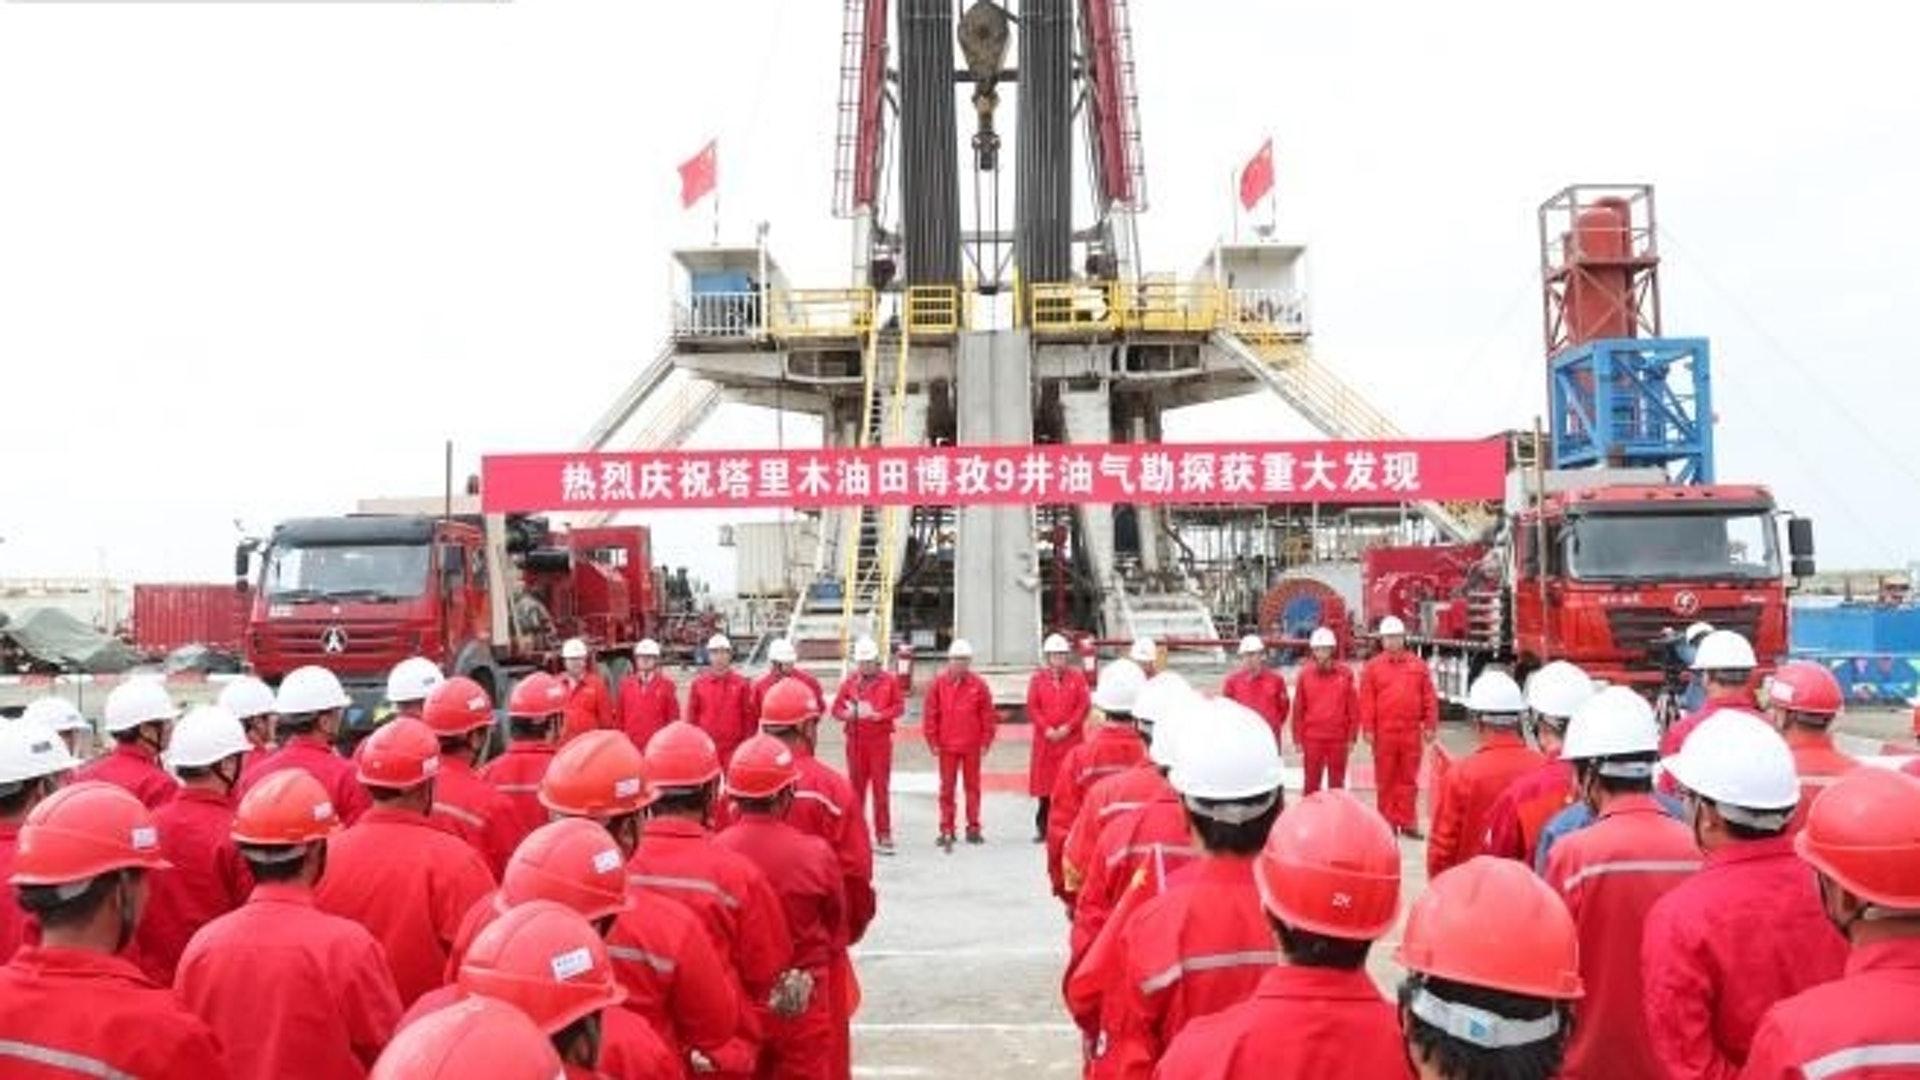 新疆塔里木油田發現千億方級大氣田預計最快11月建產|香港01|即時中國